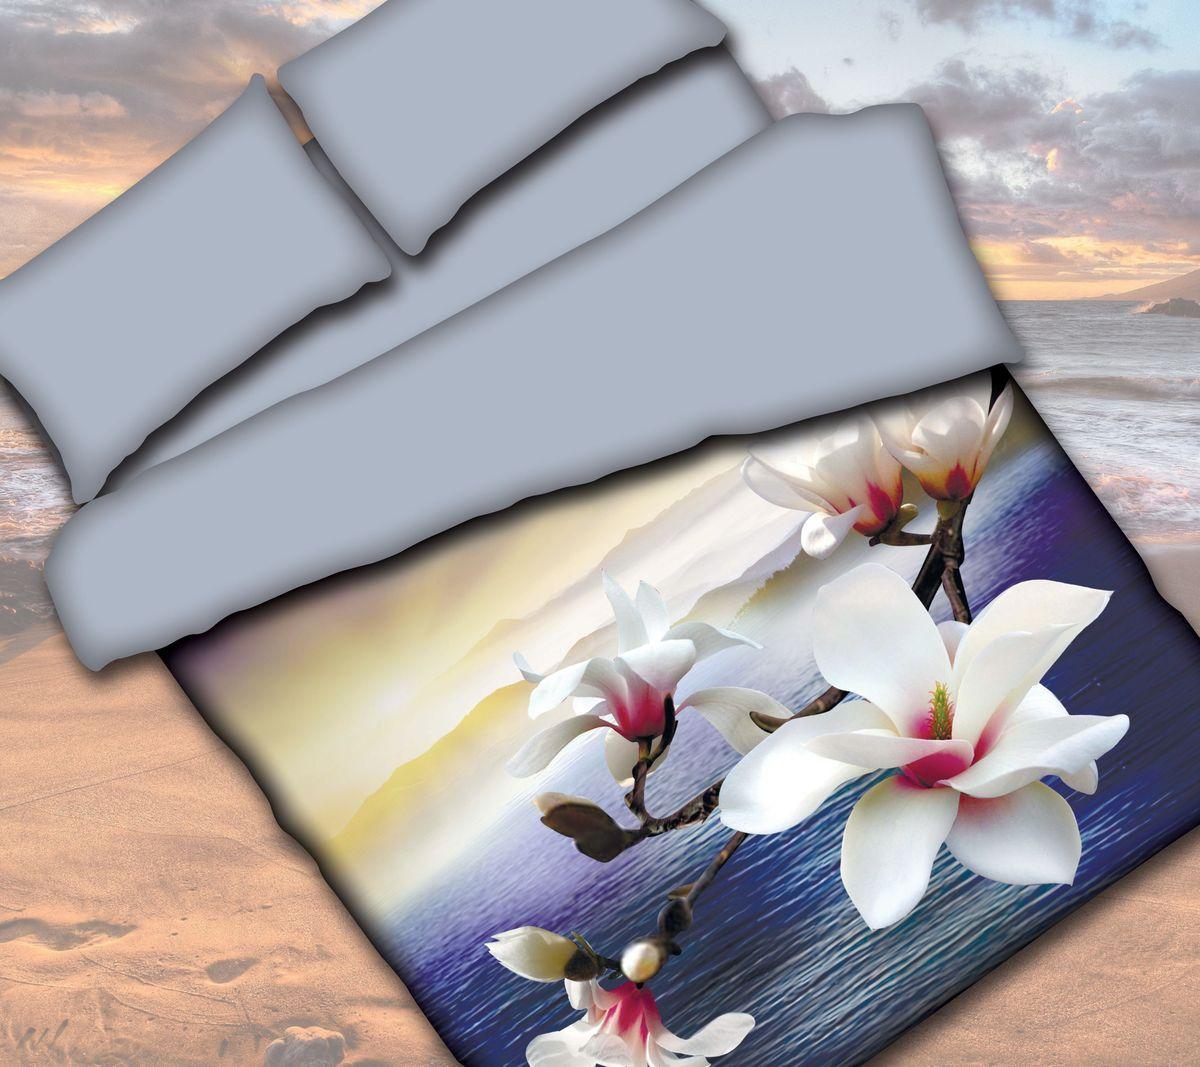 Комплект белья Коллекция Орхидея, 2-спальный, наволочки 70x70. СРП2/70/ОЗ/орхСРП2/70/ОЗ/орхКомплект постельного белья Коллекция прекрасно украсит любой интерьер. Выполнен из сатина. Сатин - это гладкая и прочная ткань, которая своим блеском, легкостью и гладкостью очень похожа на шелк. Ткань практически не мнется, поэтому его можно не гладить. Он практичен, так как хорошо переносит множественные стирки. Комплект включает в себя: простыню 220 х 224 см, пододеяльник 175 х 210 см,2 наволочки 70х70 см.